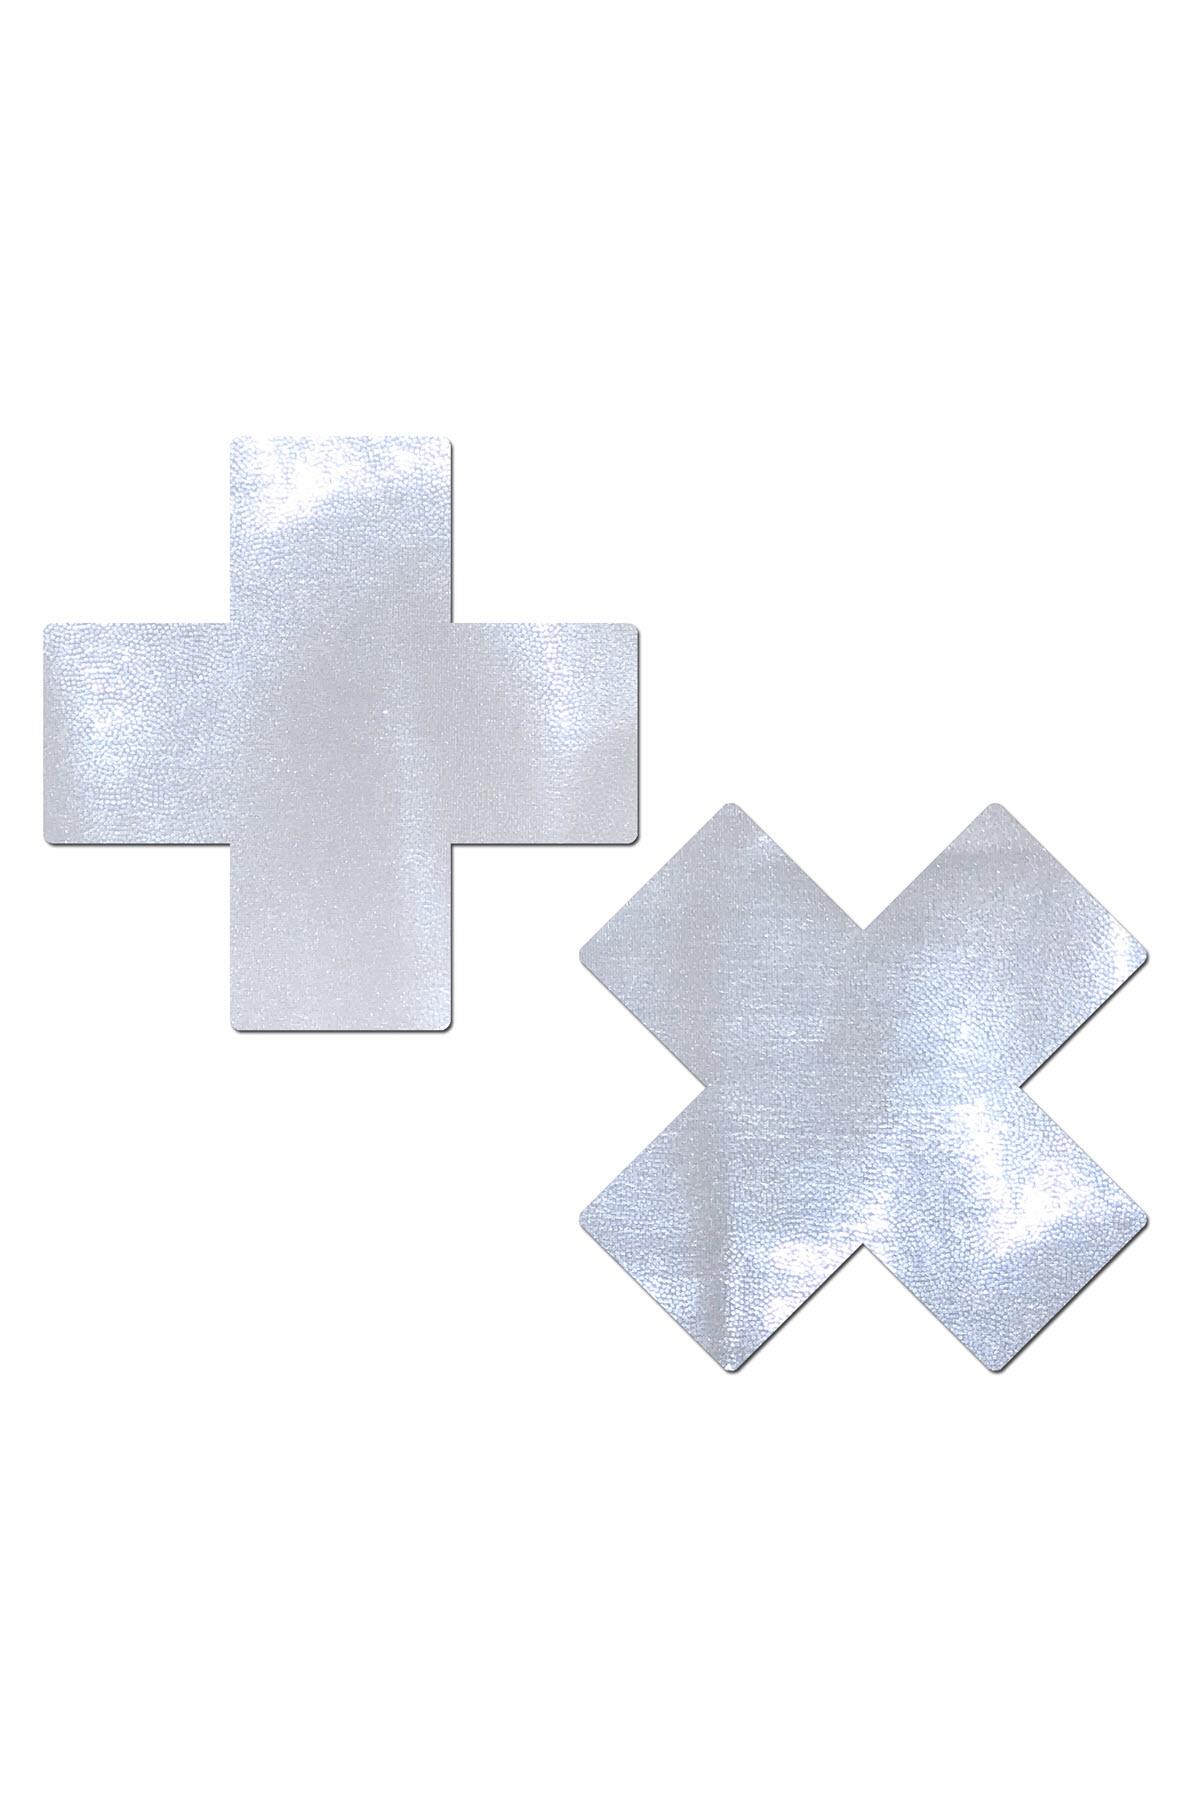 Image of Kreuz Nippelkleber, Liquid Weiss